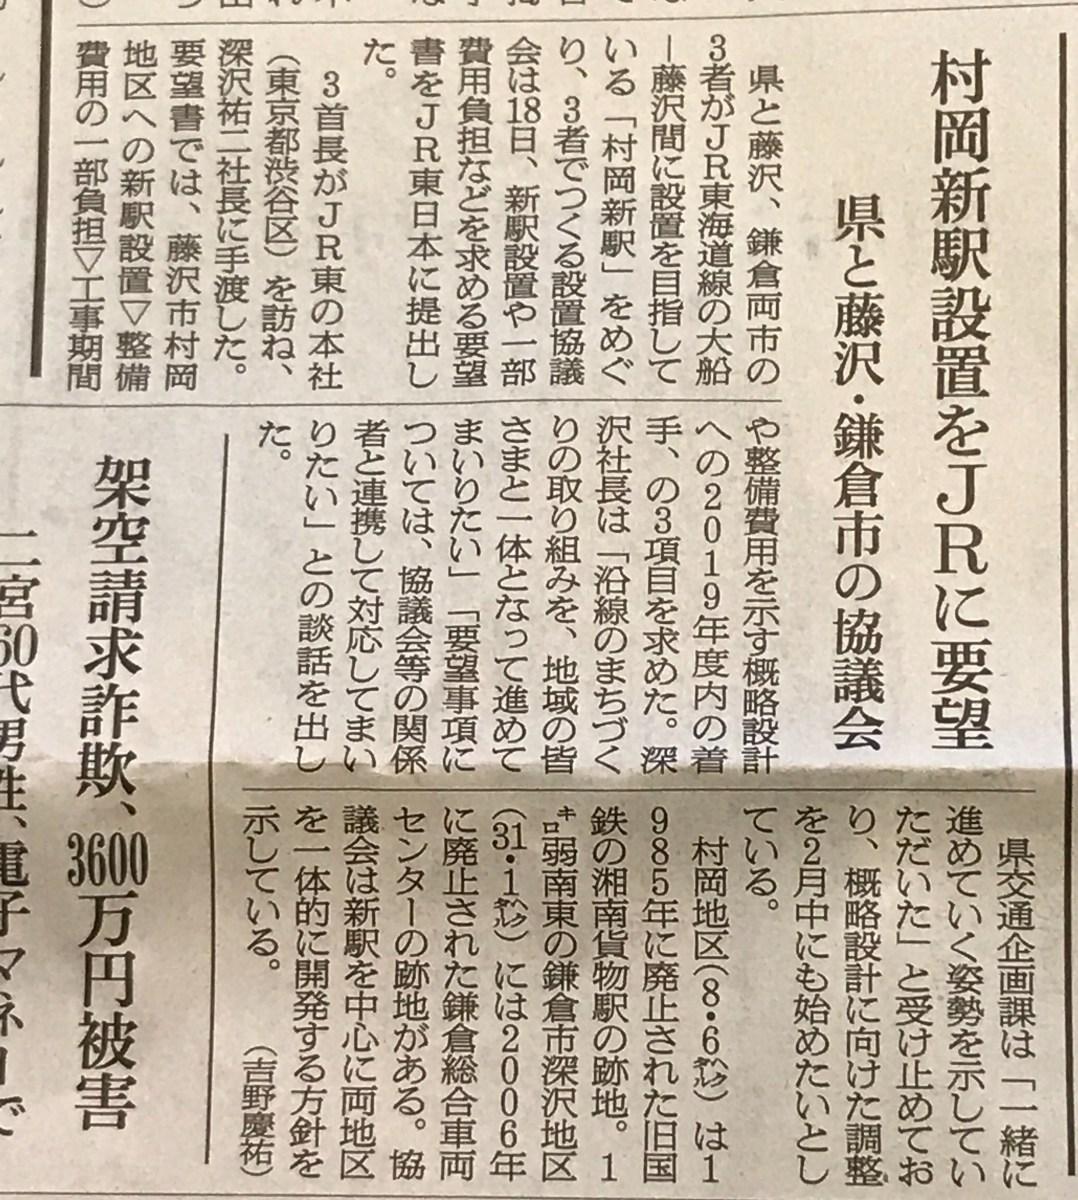 村岡新駅の報道その3